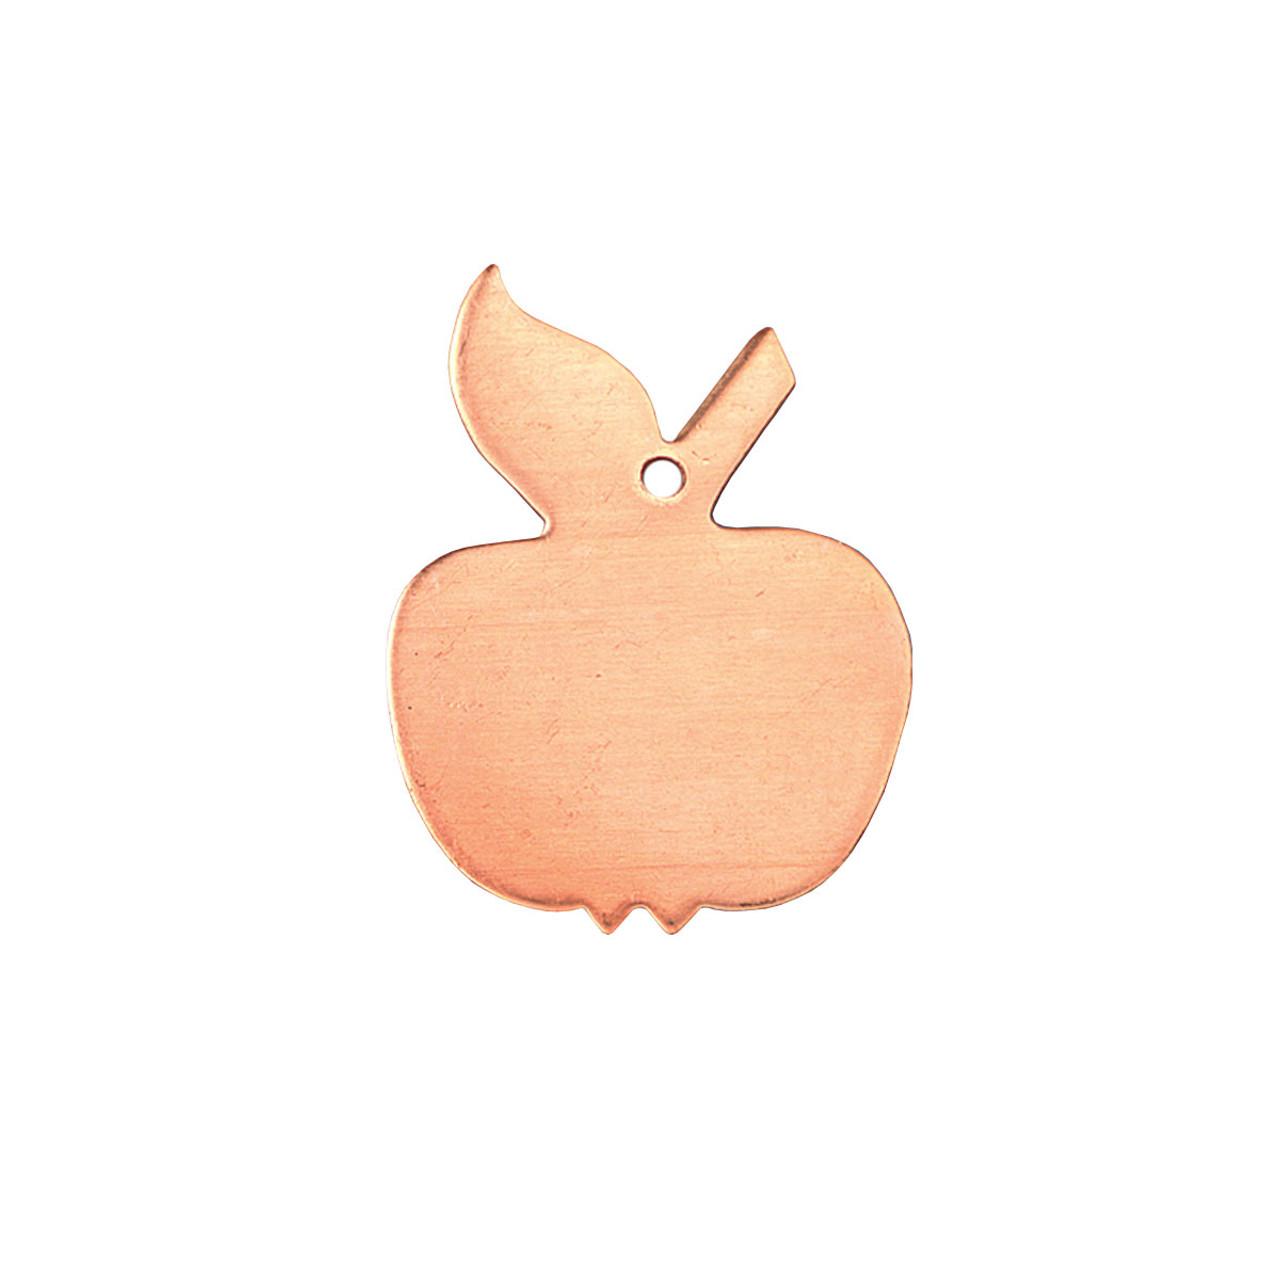 Copper Blank - Apple - 30 x 23mm